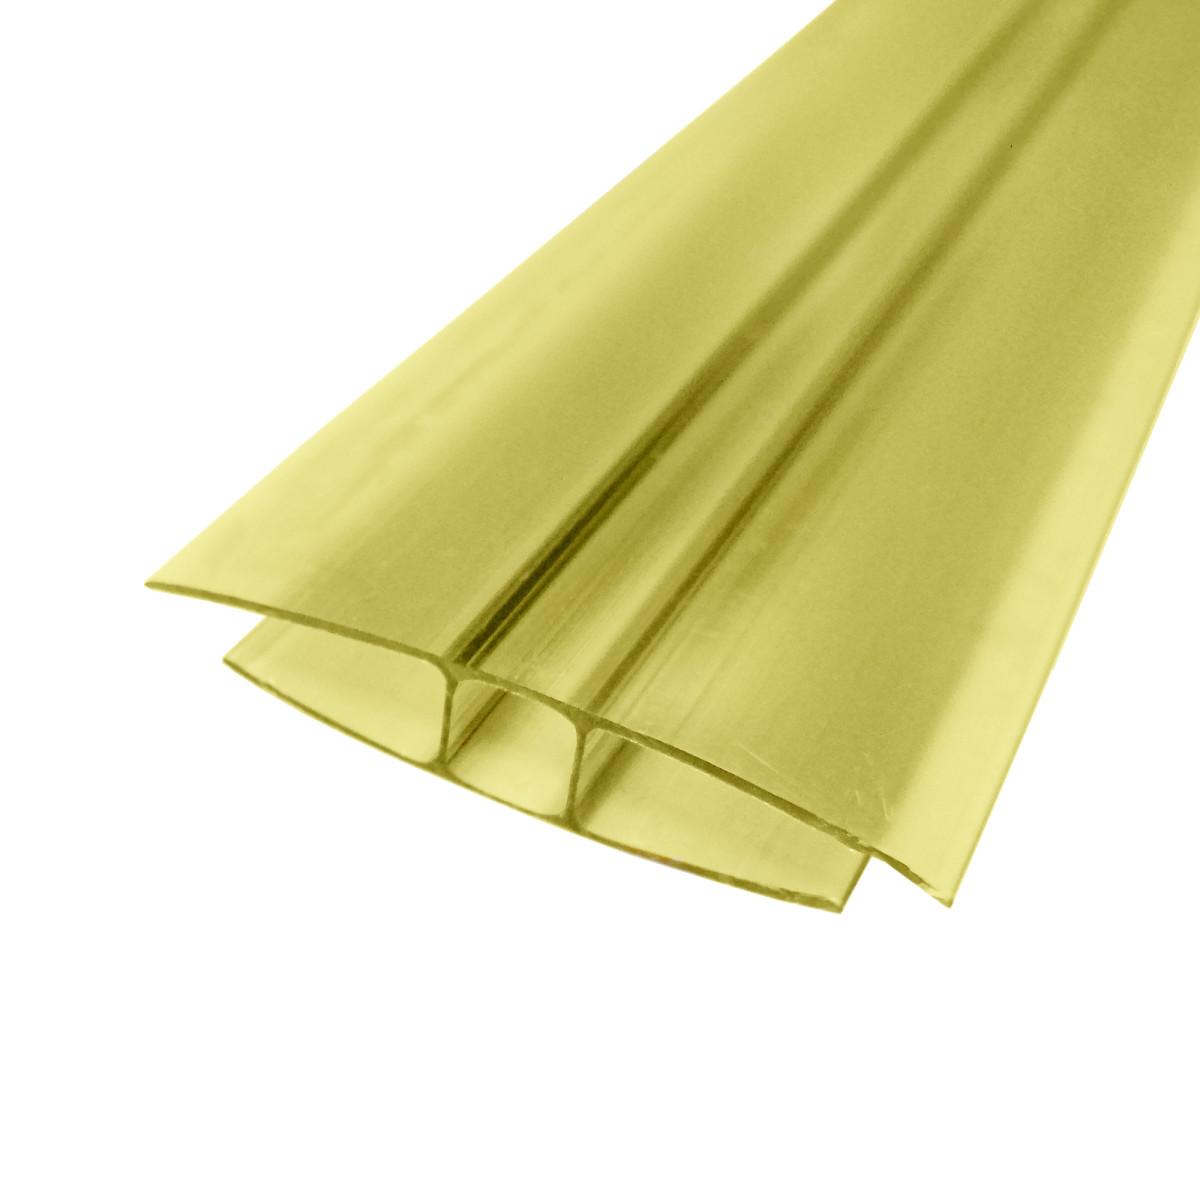 Профиль соединительный неразъемный 8 мм 3 м желтый